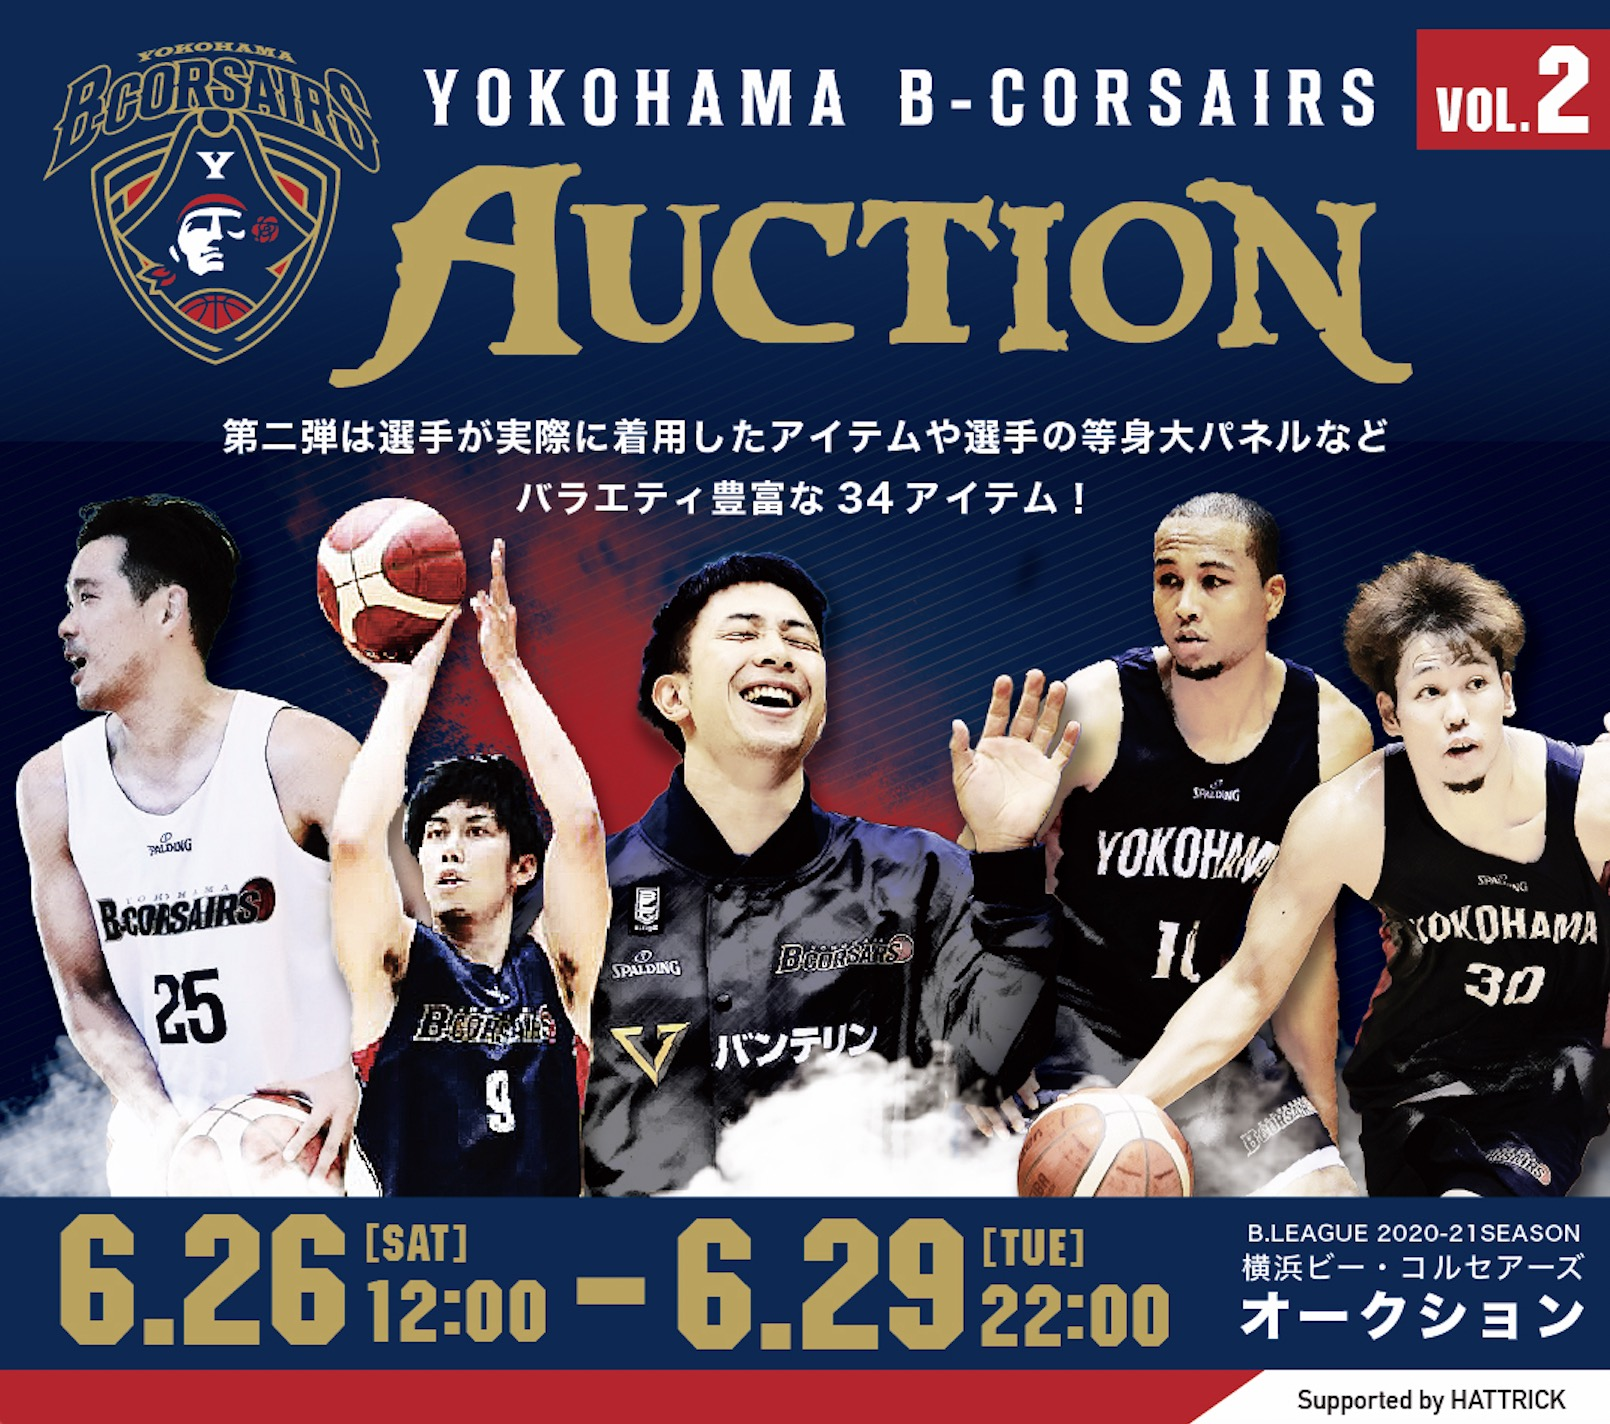 B.LEAGUE 2020-21SEASON 横浜ビー・コルセアーズオークションVol.2